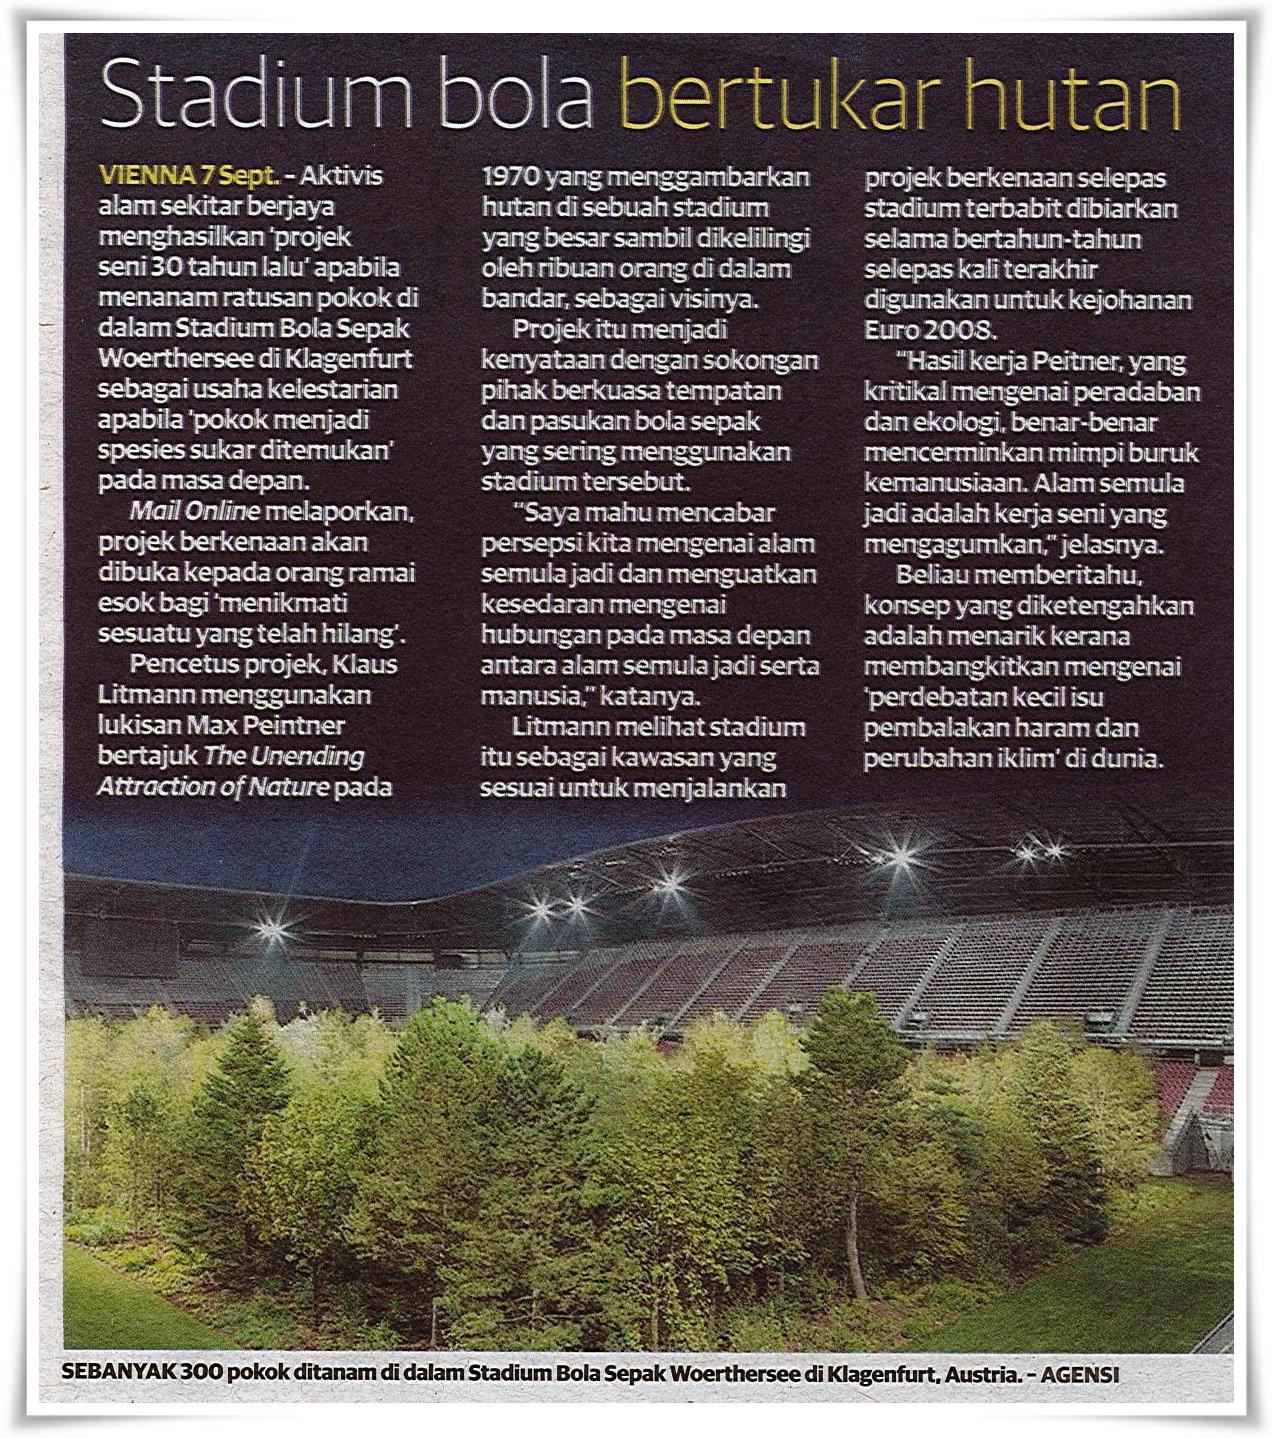 Stadium bola bertukar hutan